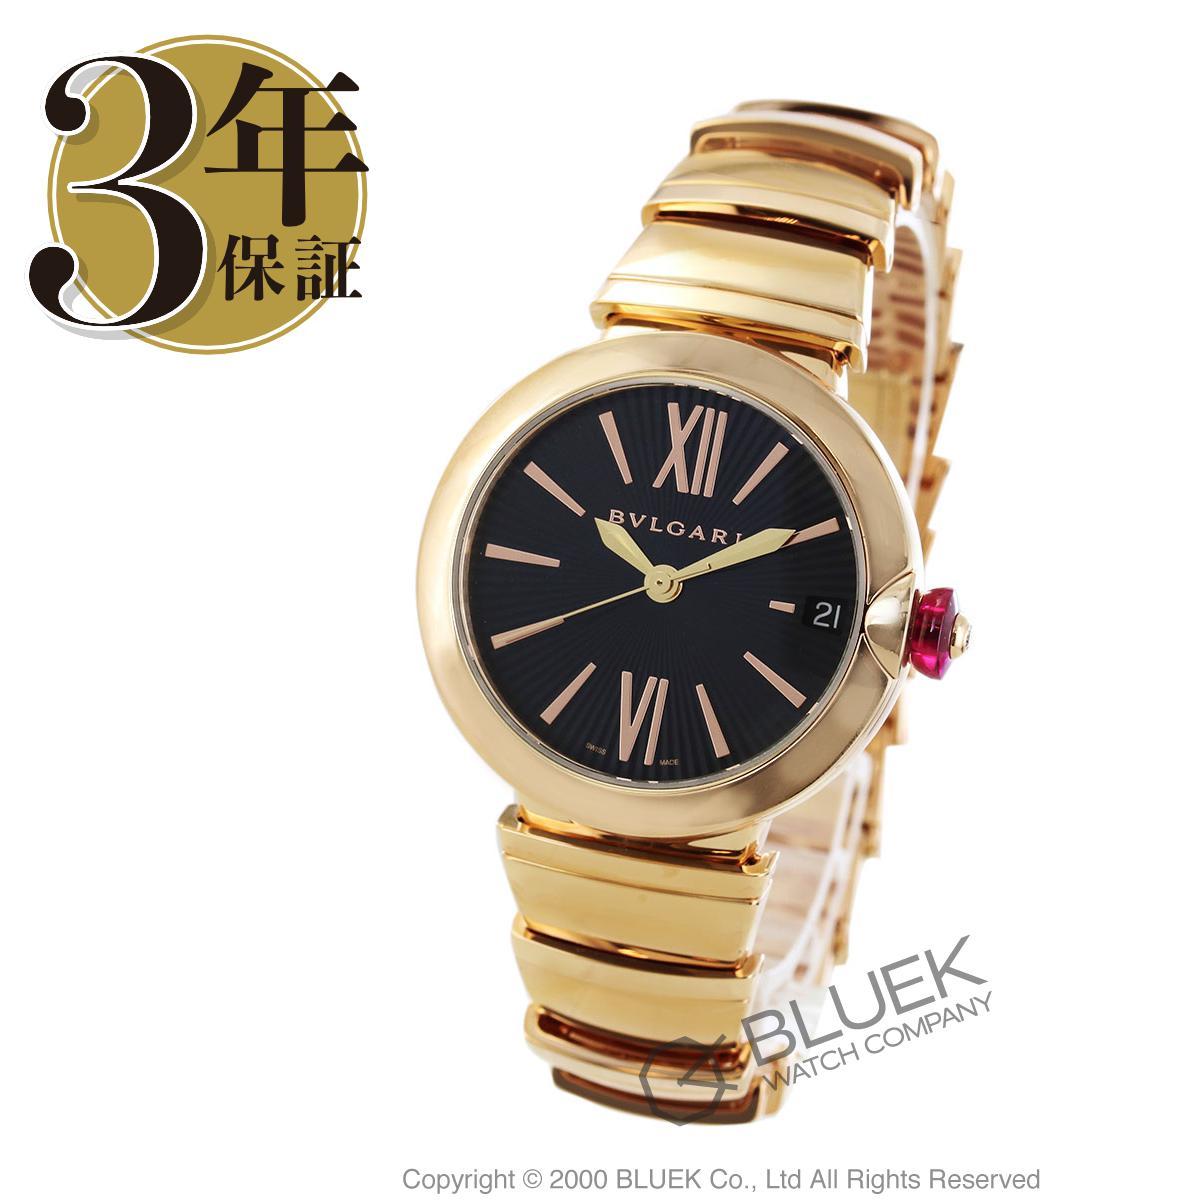 【3万円OFFクーポン対象】ブルガリ ルチェア ダイヤ PG金無垢 腕時計 レディース BVLGARI LUP33BGGD_8